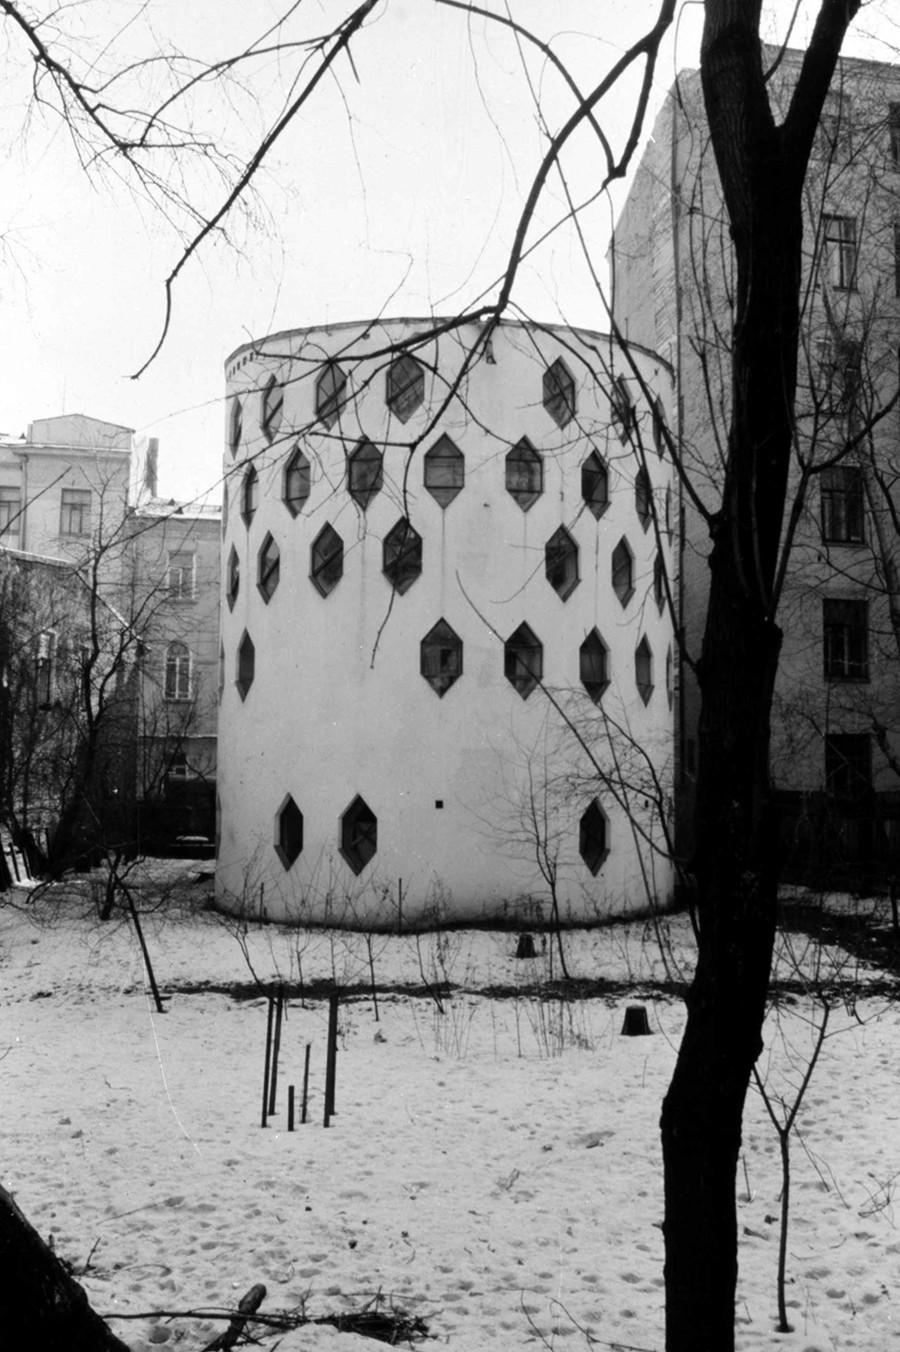 コンスタンチン・メーリニコフ(1927年)、モスクワ、1984年撮影